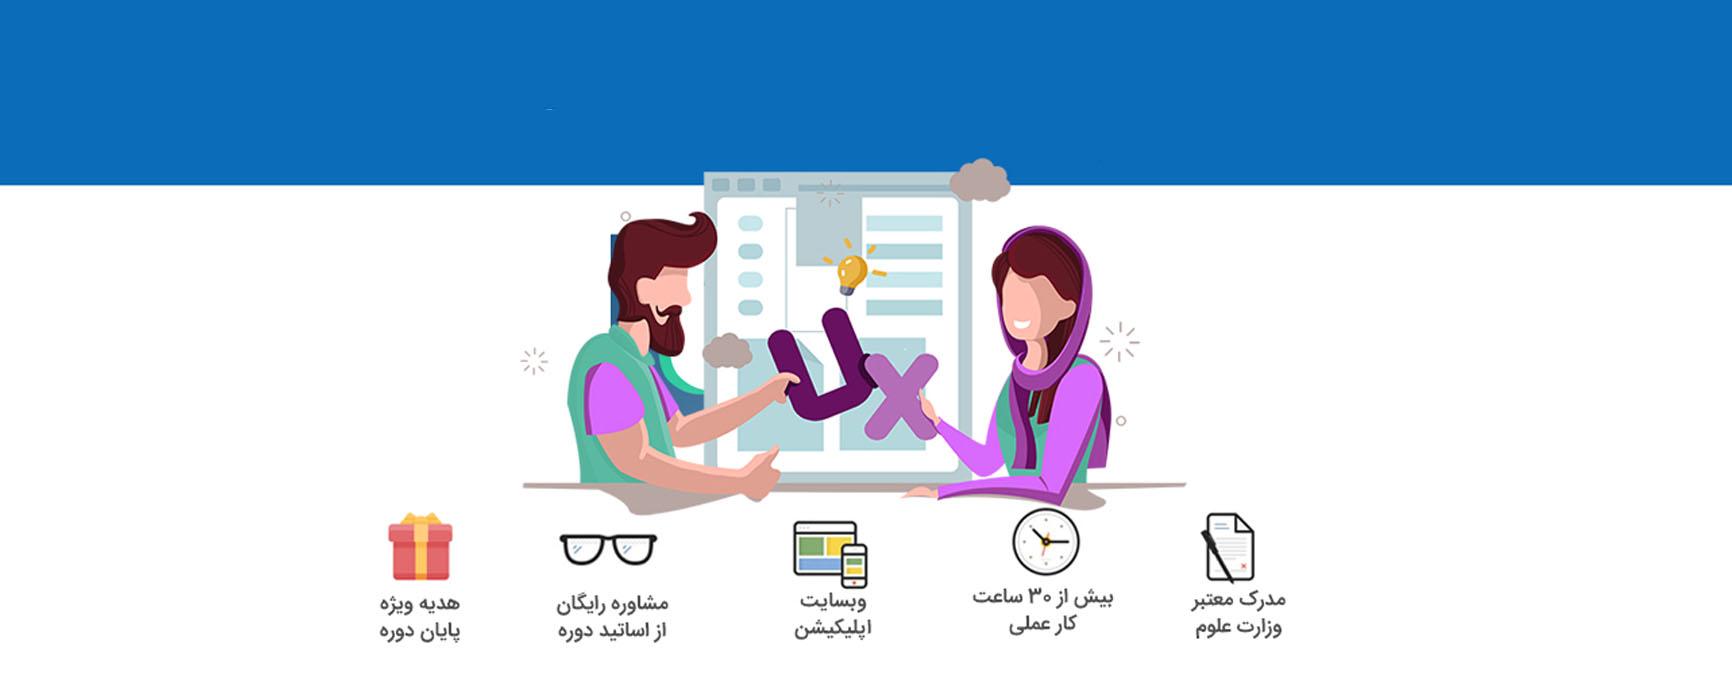 ثبت نام دوره جامع و پروژه محور طراحی تجربه کاربری uxbook آغاز شد